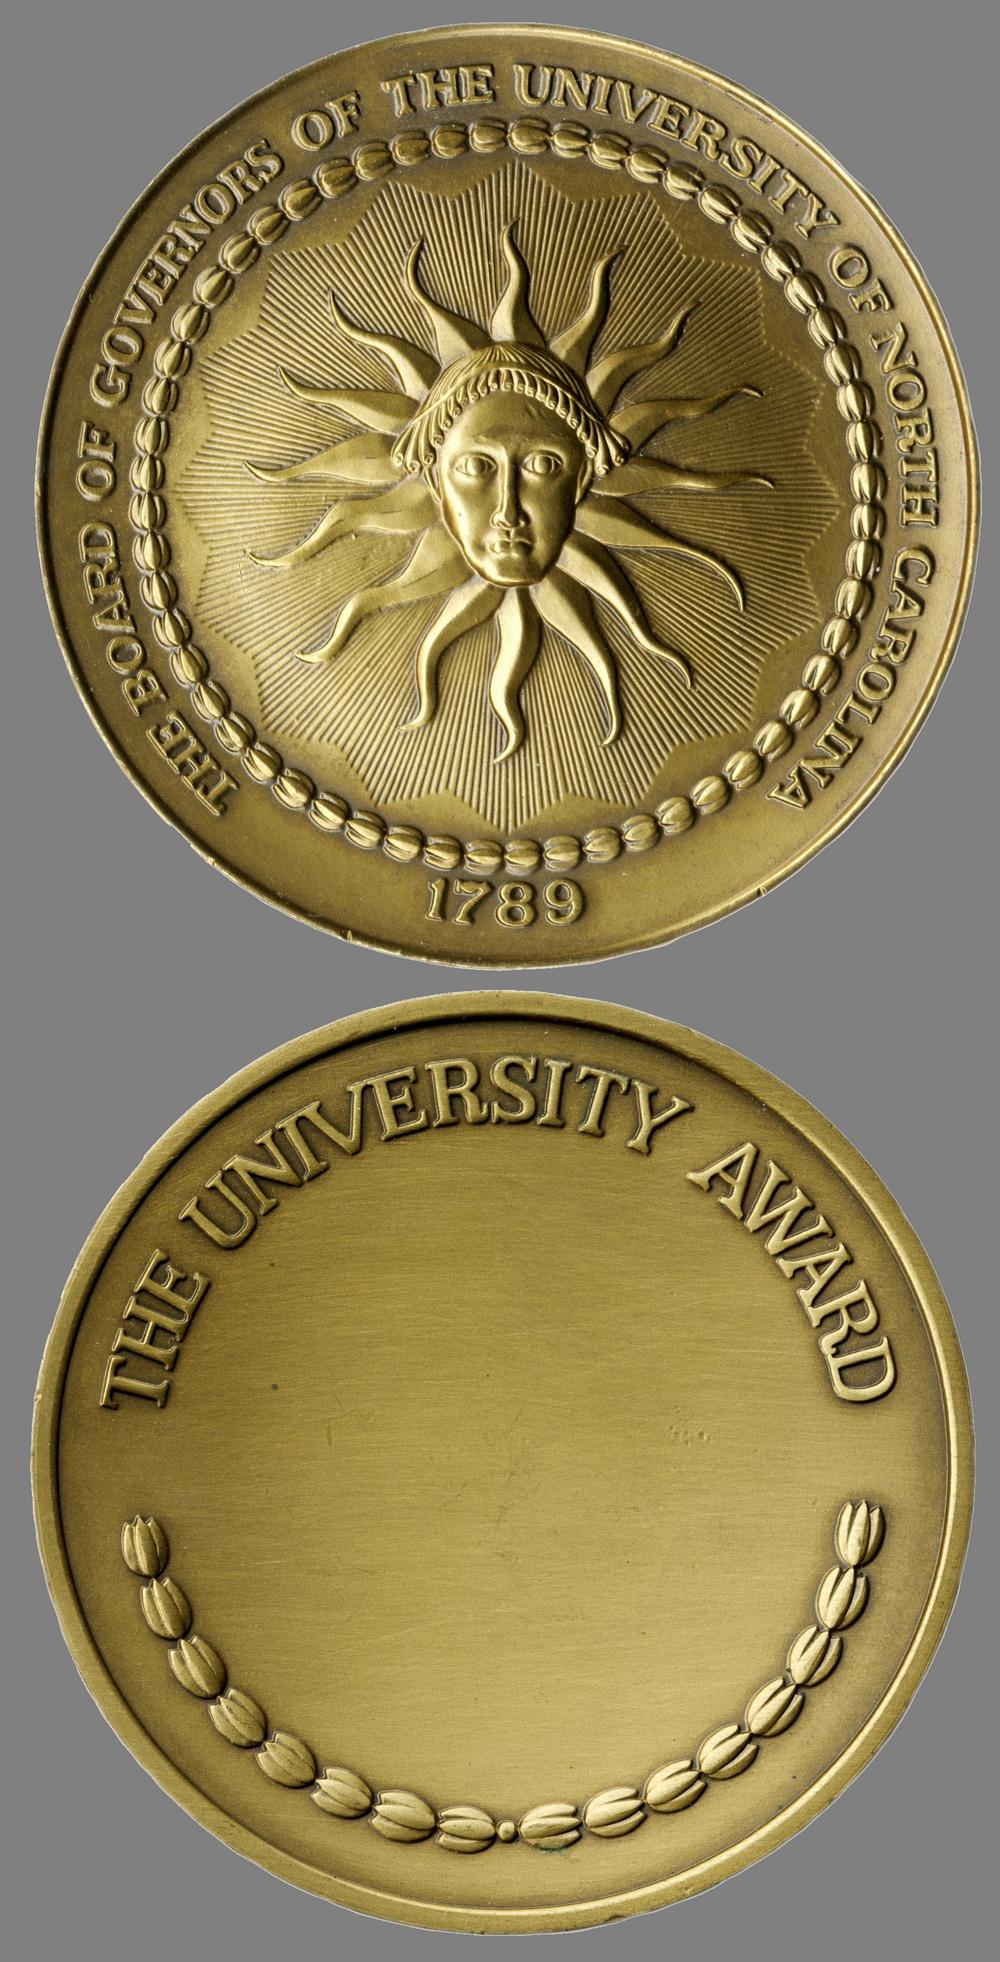 The University Award medal, 1987